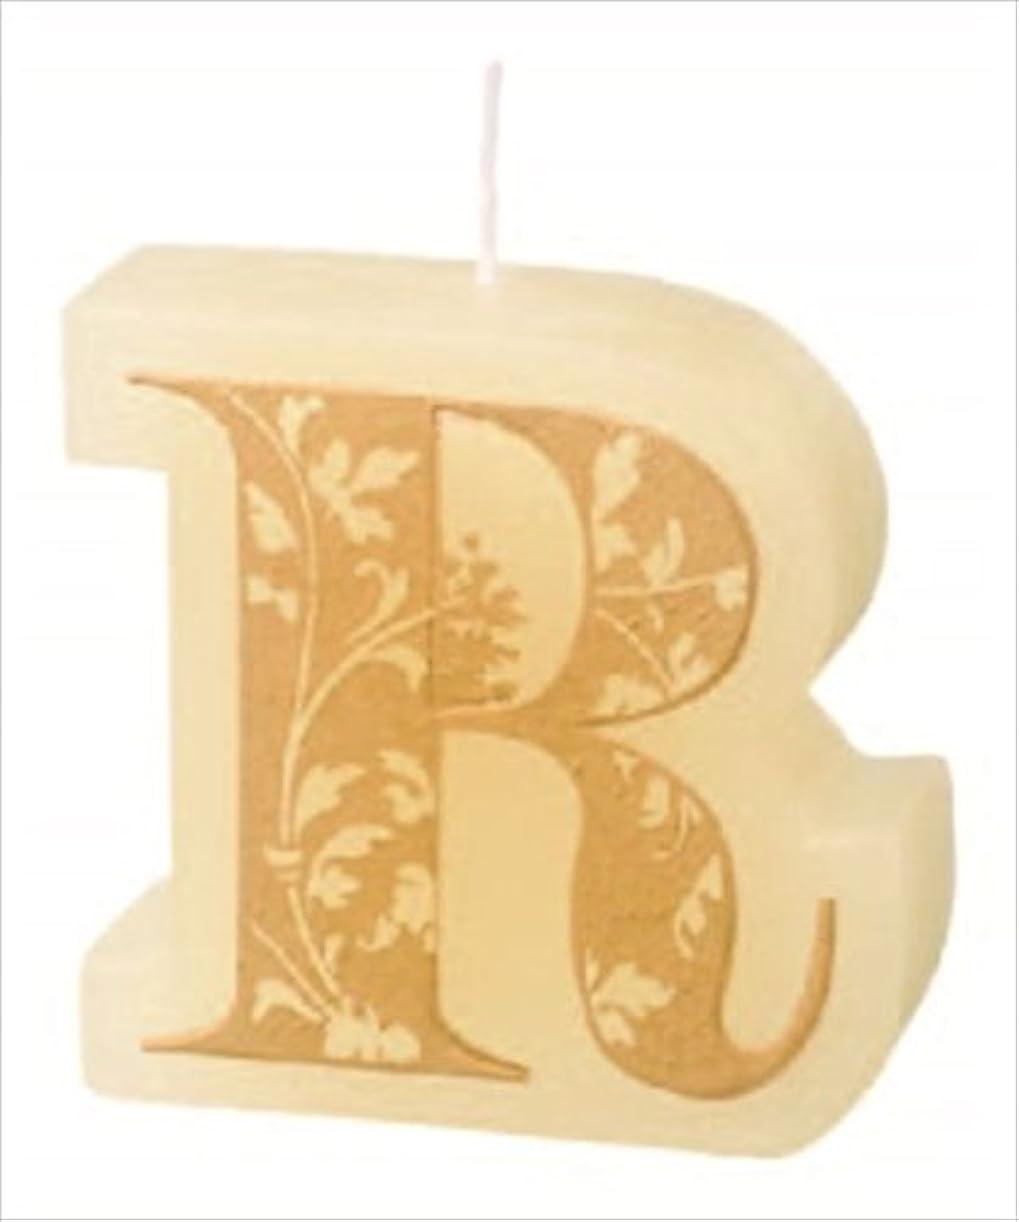 キャンディー失う熟達カメヤマキャンドル(kameyama candle) イニシャルキャンドルミニ 「 R 」